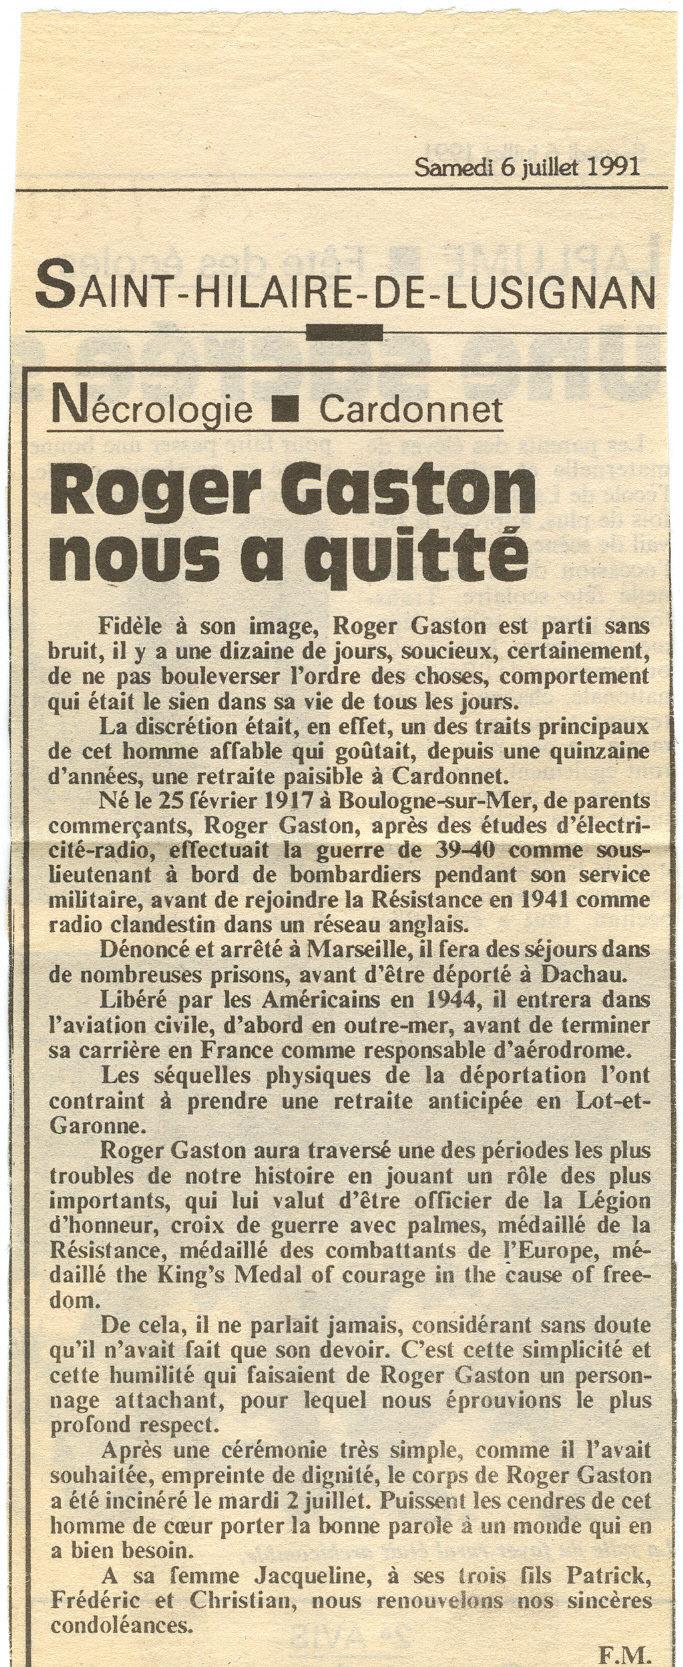 Nécrologie de Roger Gaston beau frère de Georges Charles